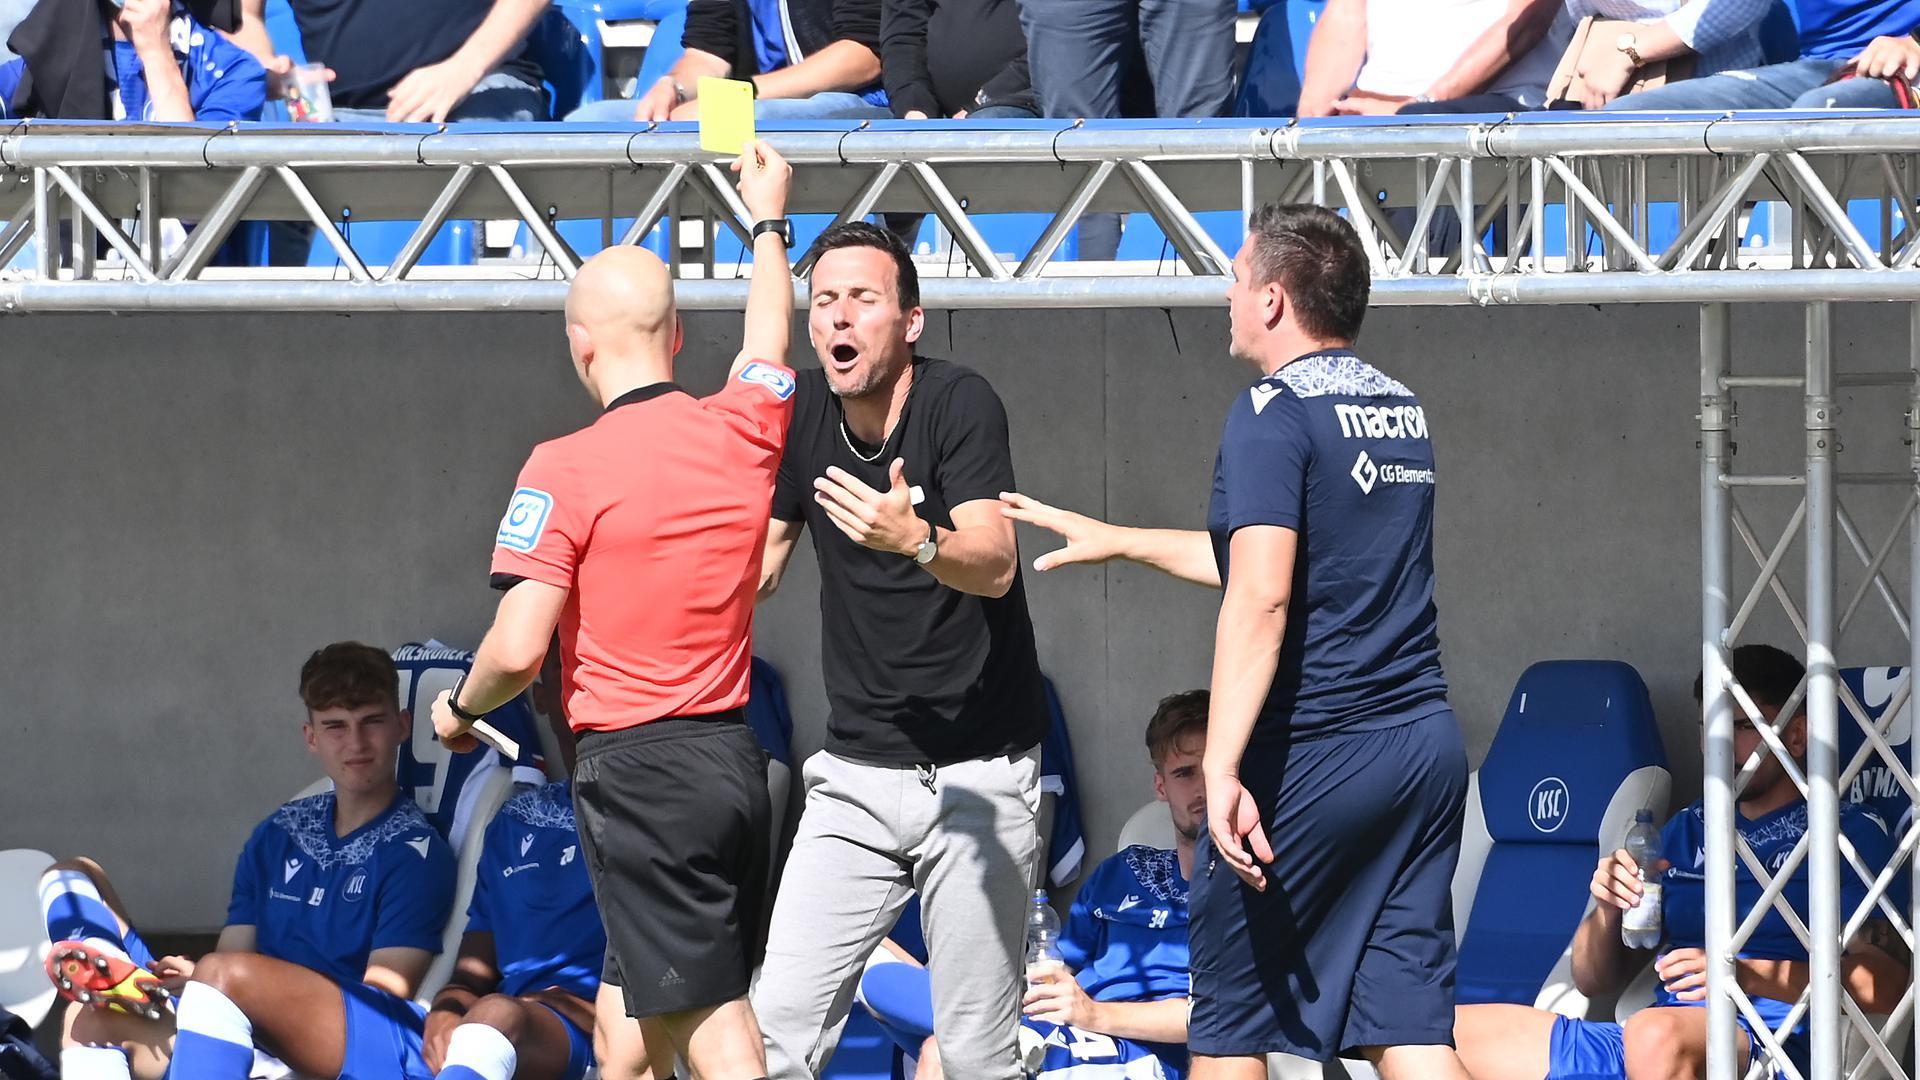 Nicht einverstanden: KSC-Trainer Christian Eichner kann die Verwarnung von Schiedsrichter Nicolas Winter gegen ihn nicht nachvollziehen.